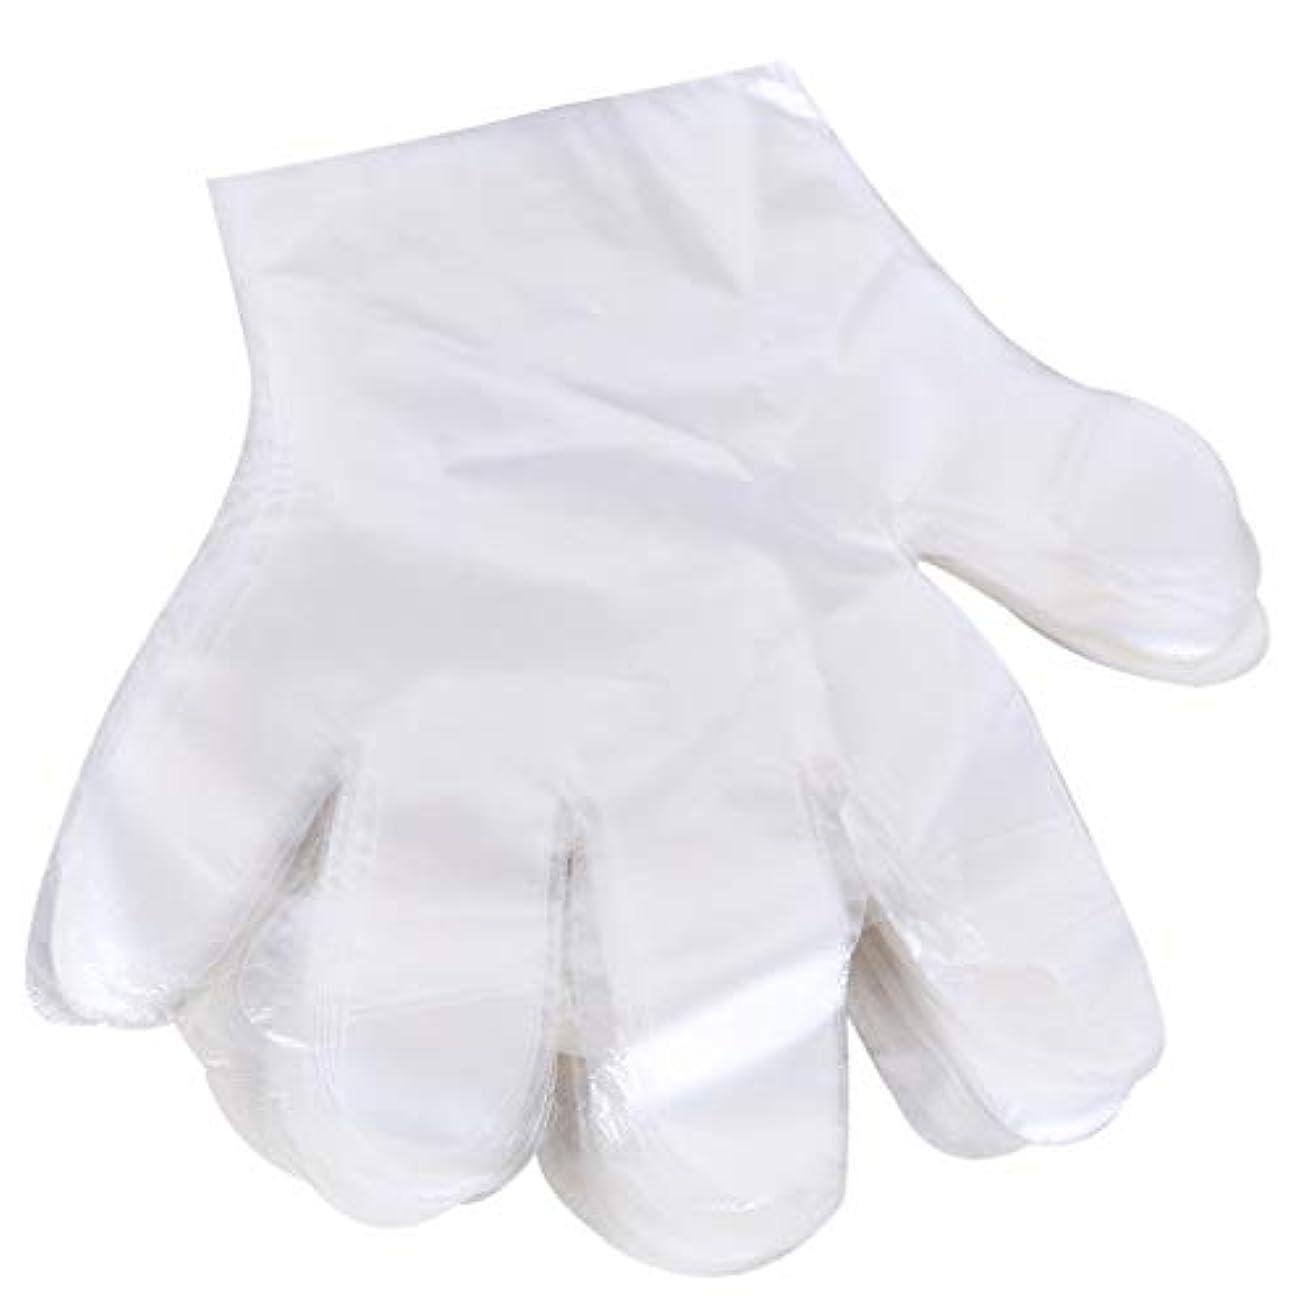 市区町村倉庫経験的1000 使い捨て手袋、ケータリングヘアマスク食品ロブスター厚い透明プラスチックpeフィルム手袋透明カバー YANW